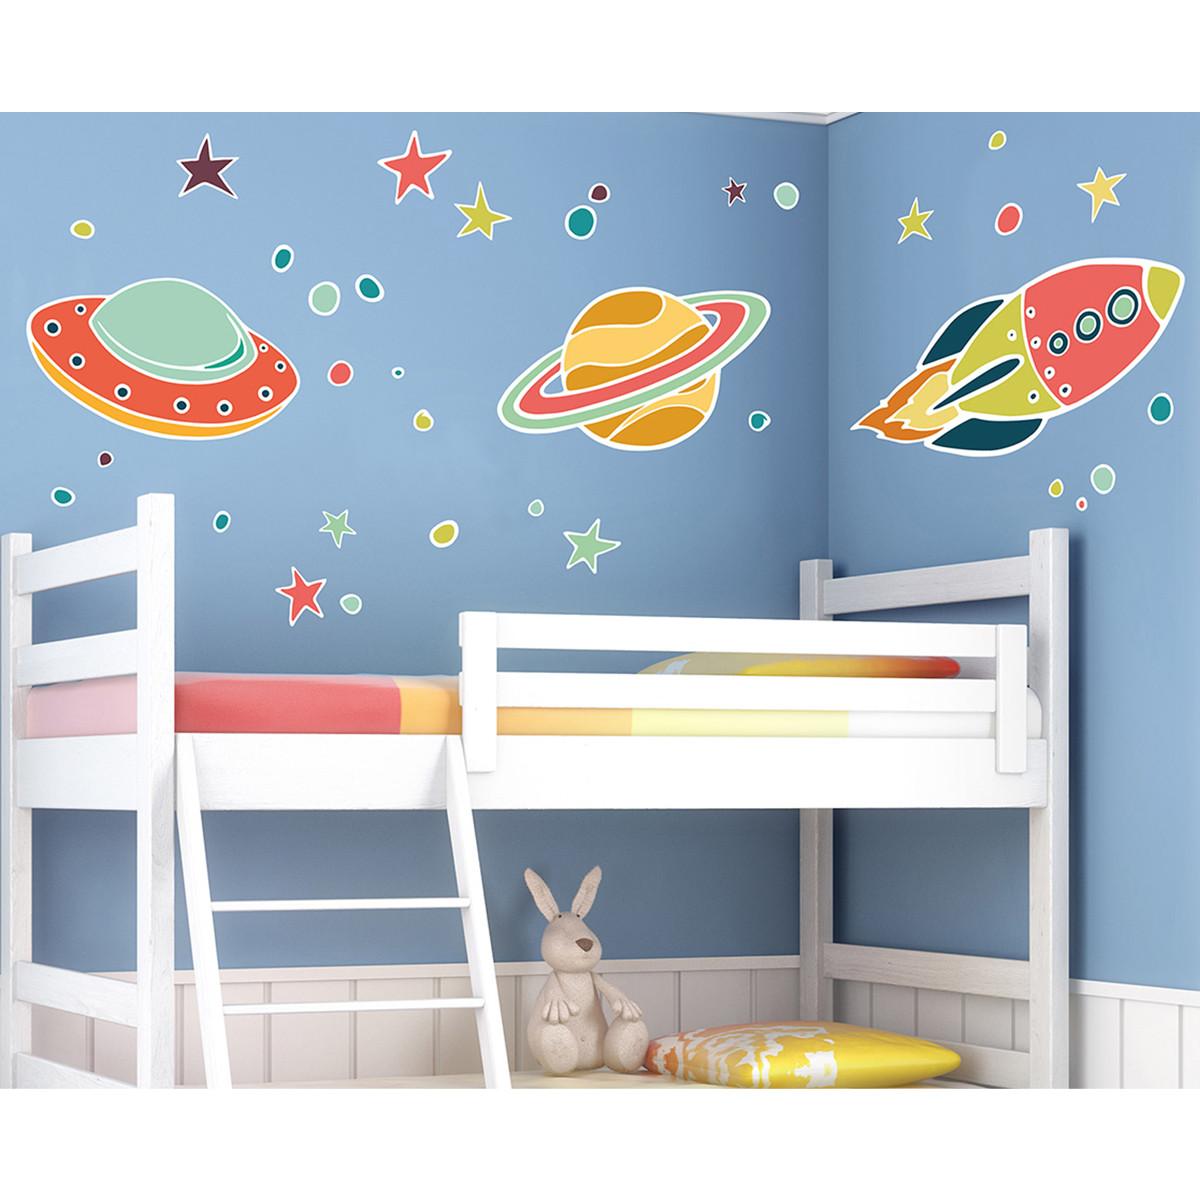 Παιδικά Αυτοκόλλητα Τοίχου Ango UFO 18306 home   παιδικά   παιδική διακόσμηση